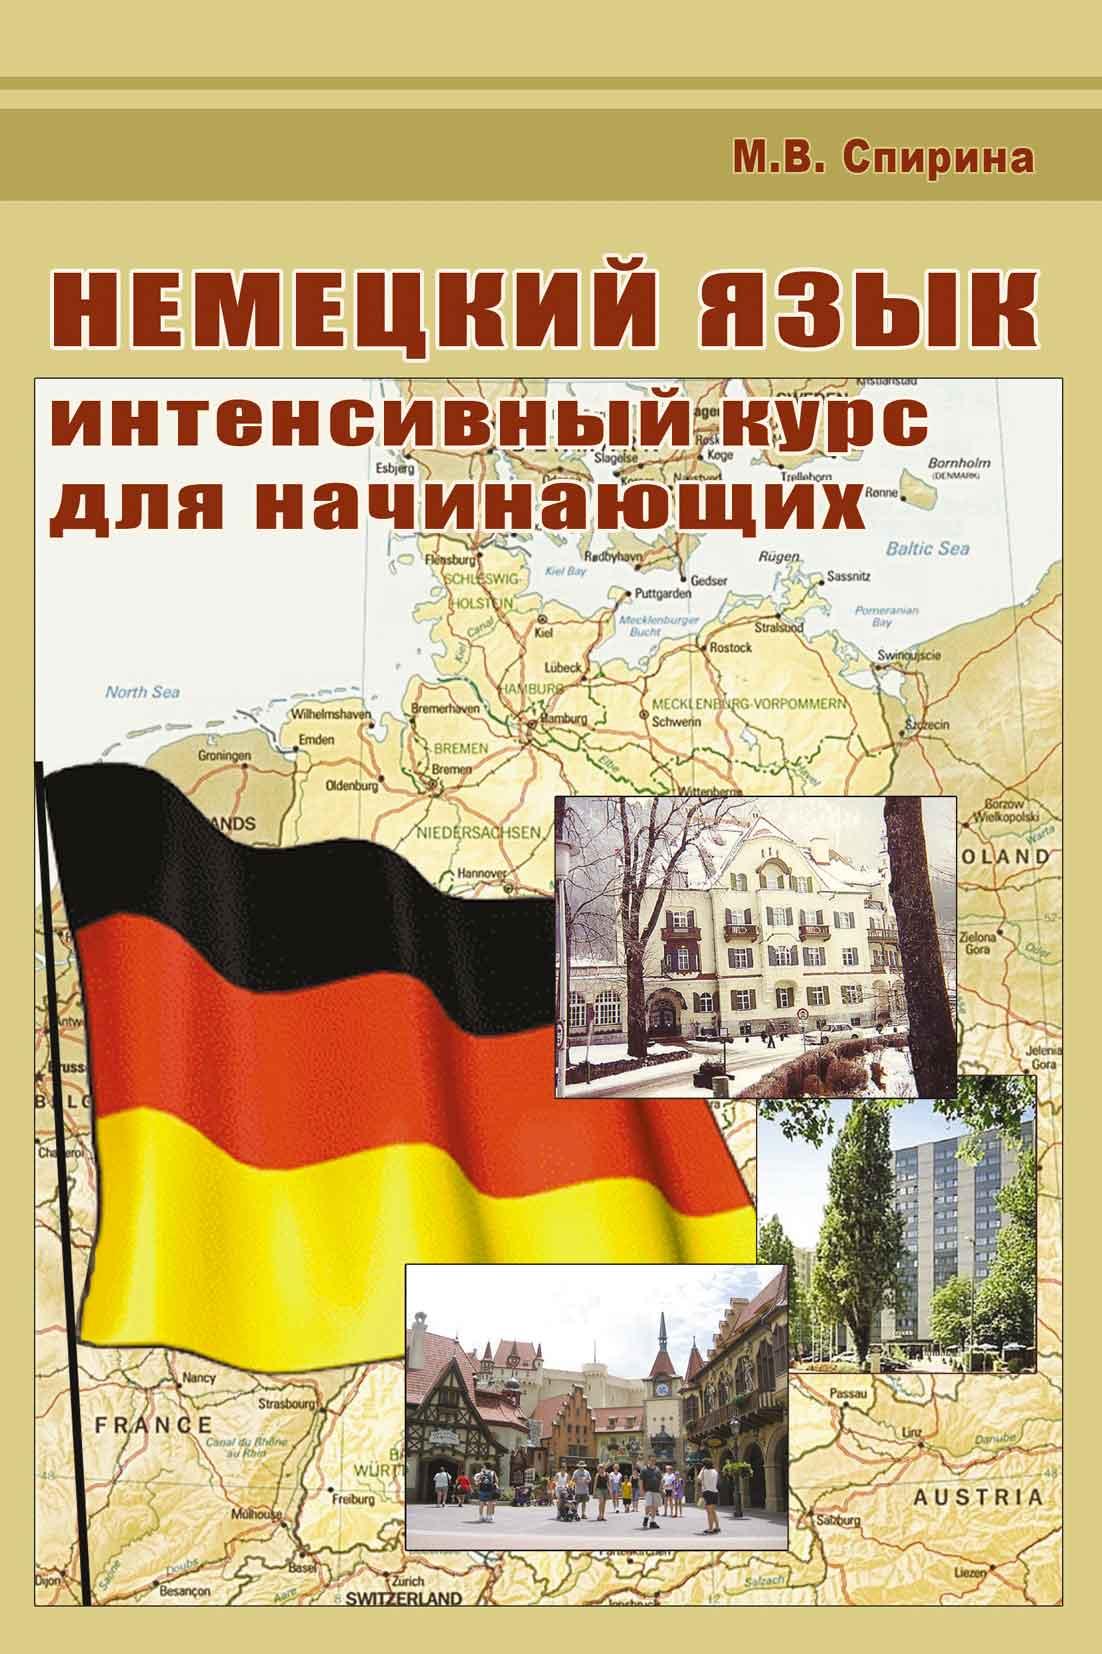 цена М. В. Спирина Немецкий язык. Интенсивный курс для начинающих